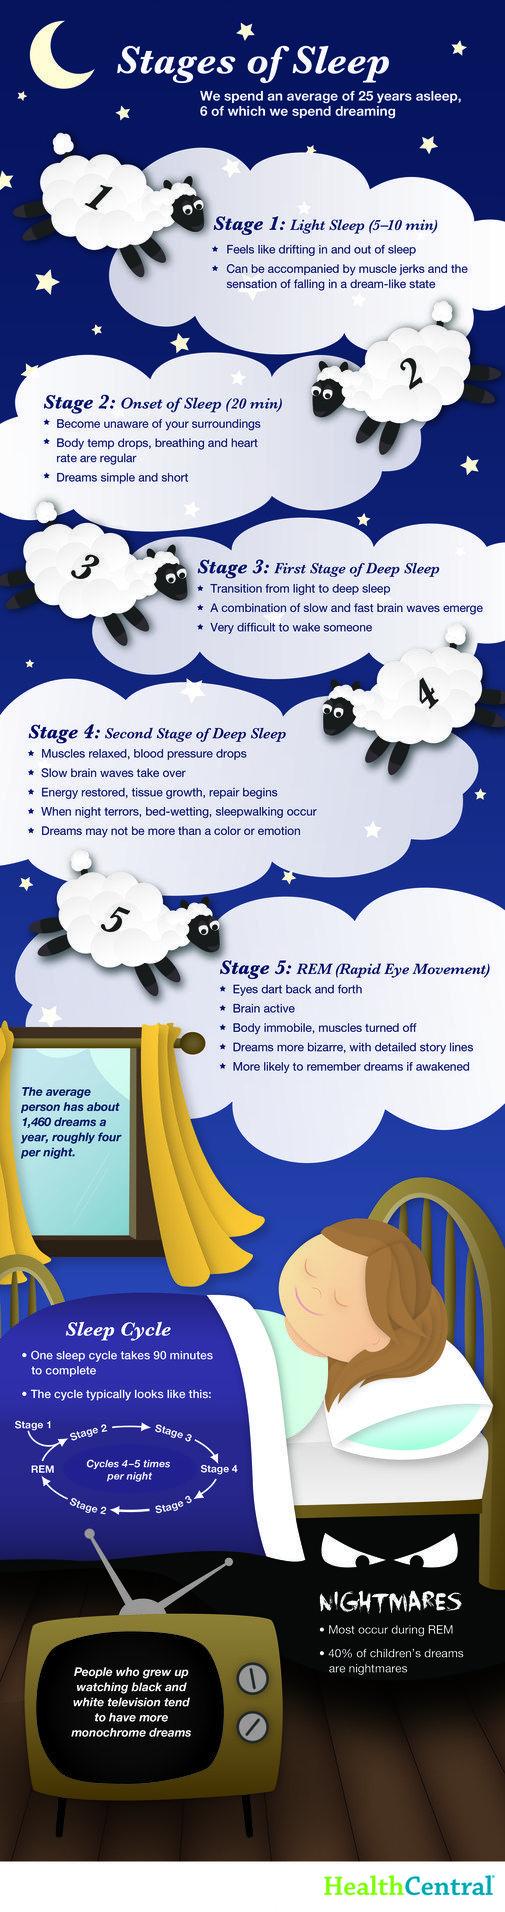 (INFOGRAPHIC) Stages of Sleep - Sleep Disorders